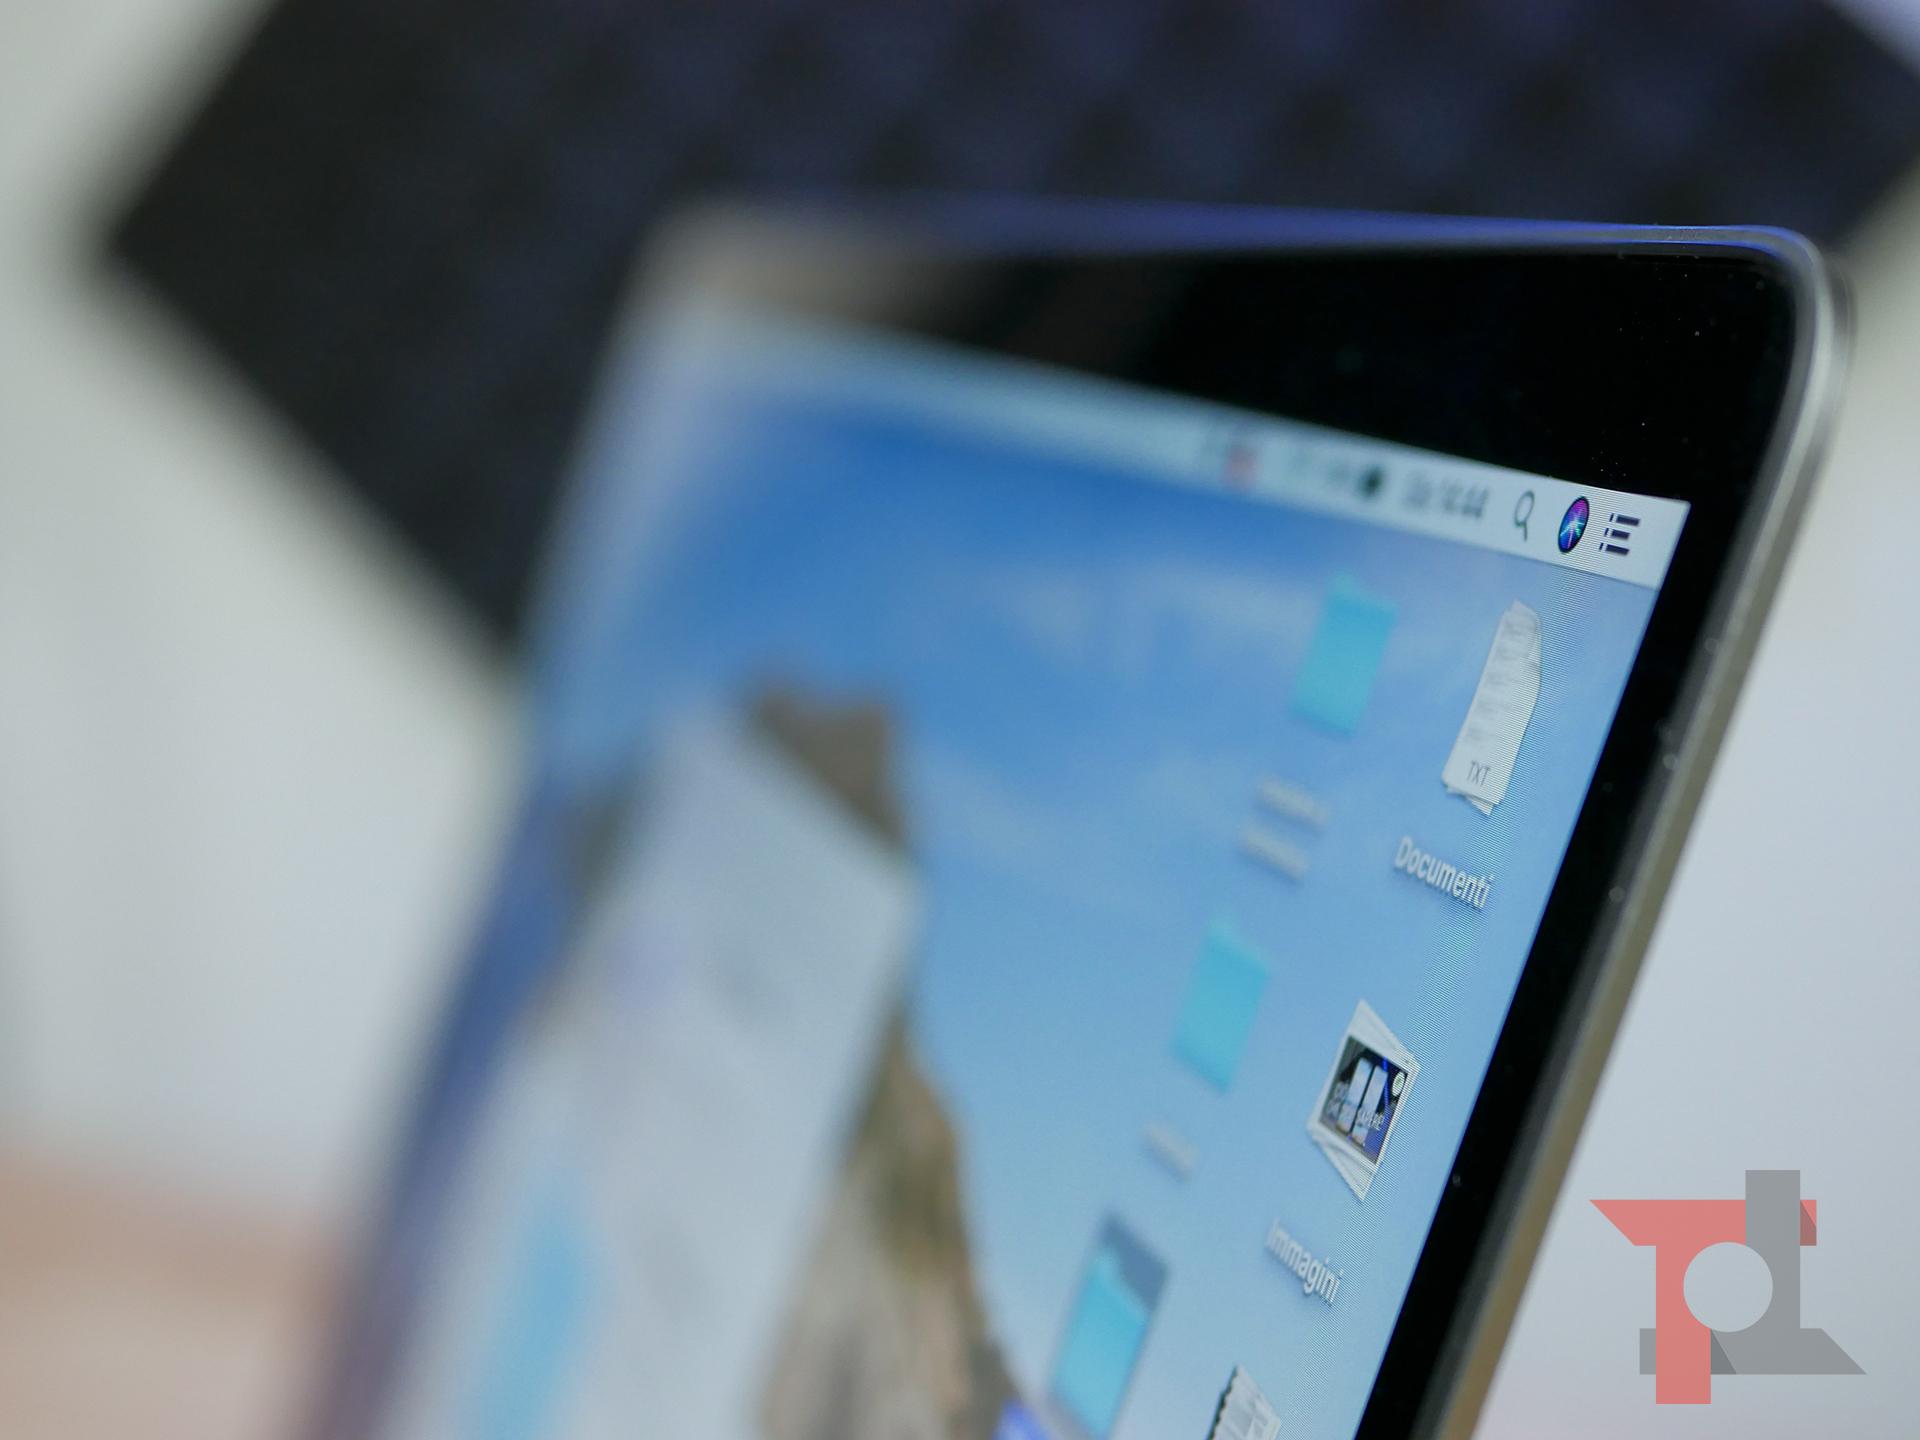 Questa settimana prendono il via nuove offerte eBay tra Imperdibili e Sport & Lifestyle